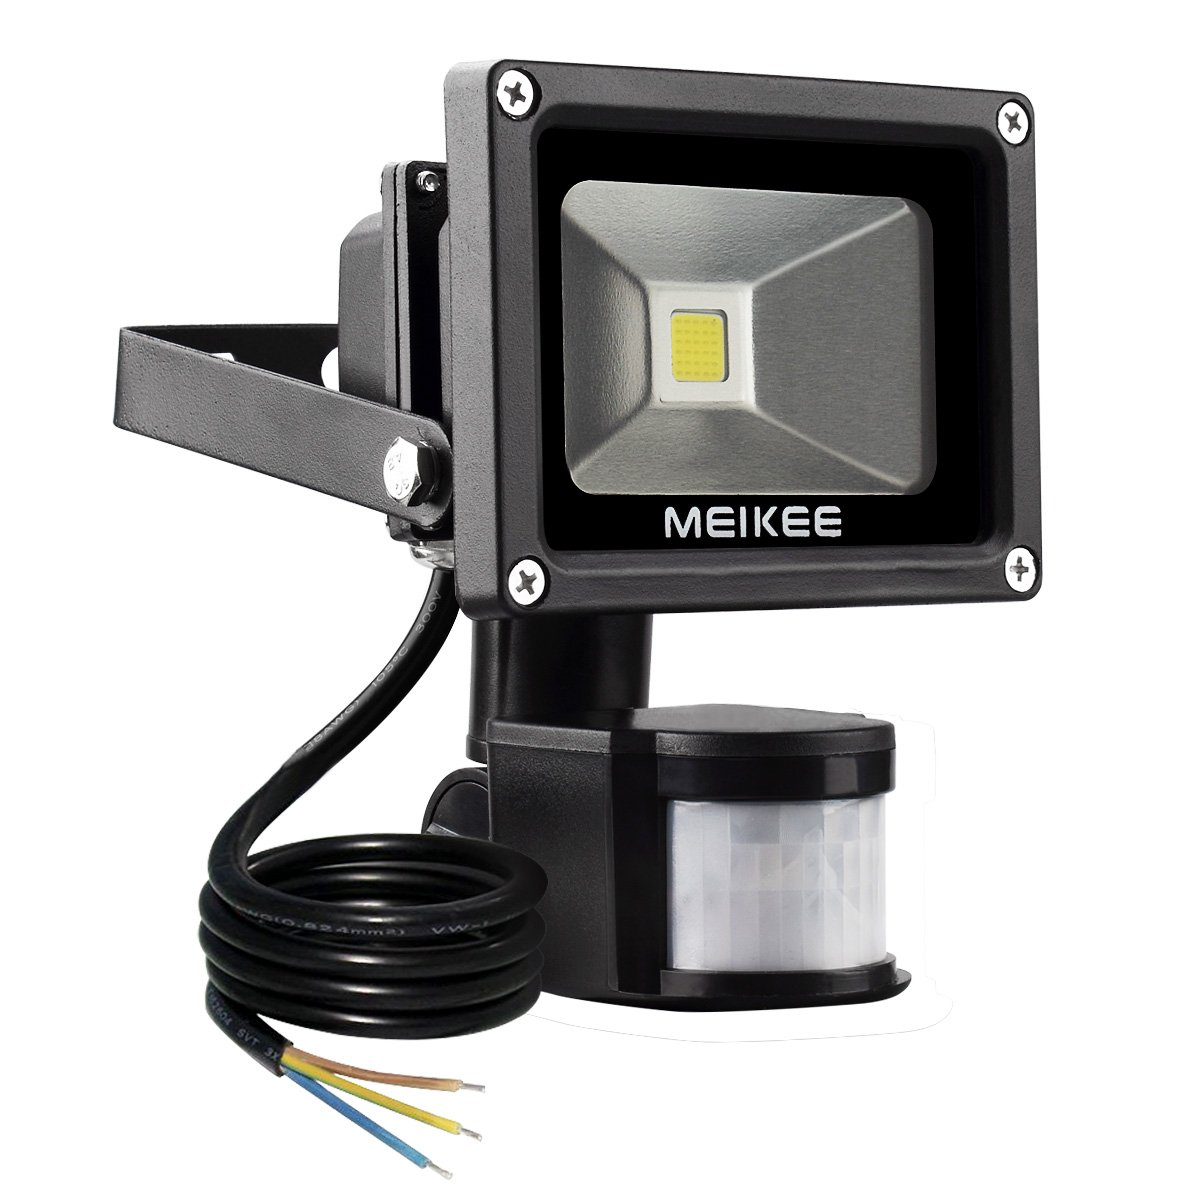 MEIKEE Projecteur LED détecteur de mouvement 10W Lumire led mural IP 65 étanche 6000K 900LM éclairage extérieur idéal pour jardin, cour, couloir, etc